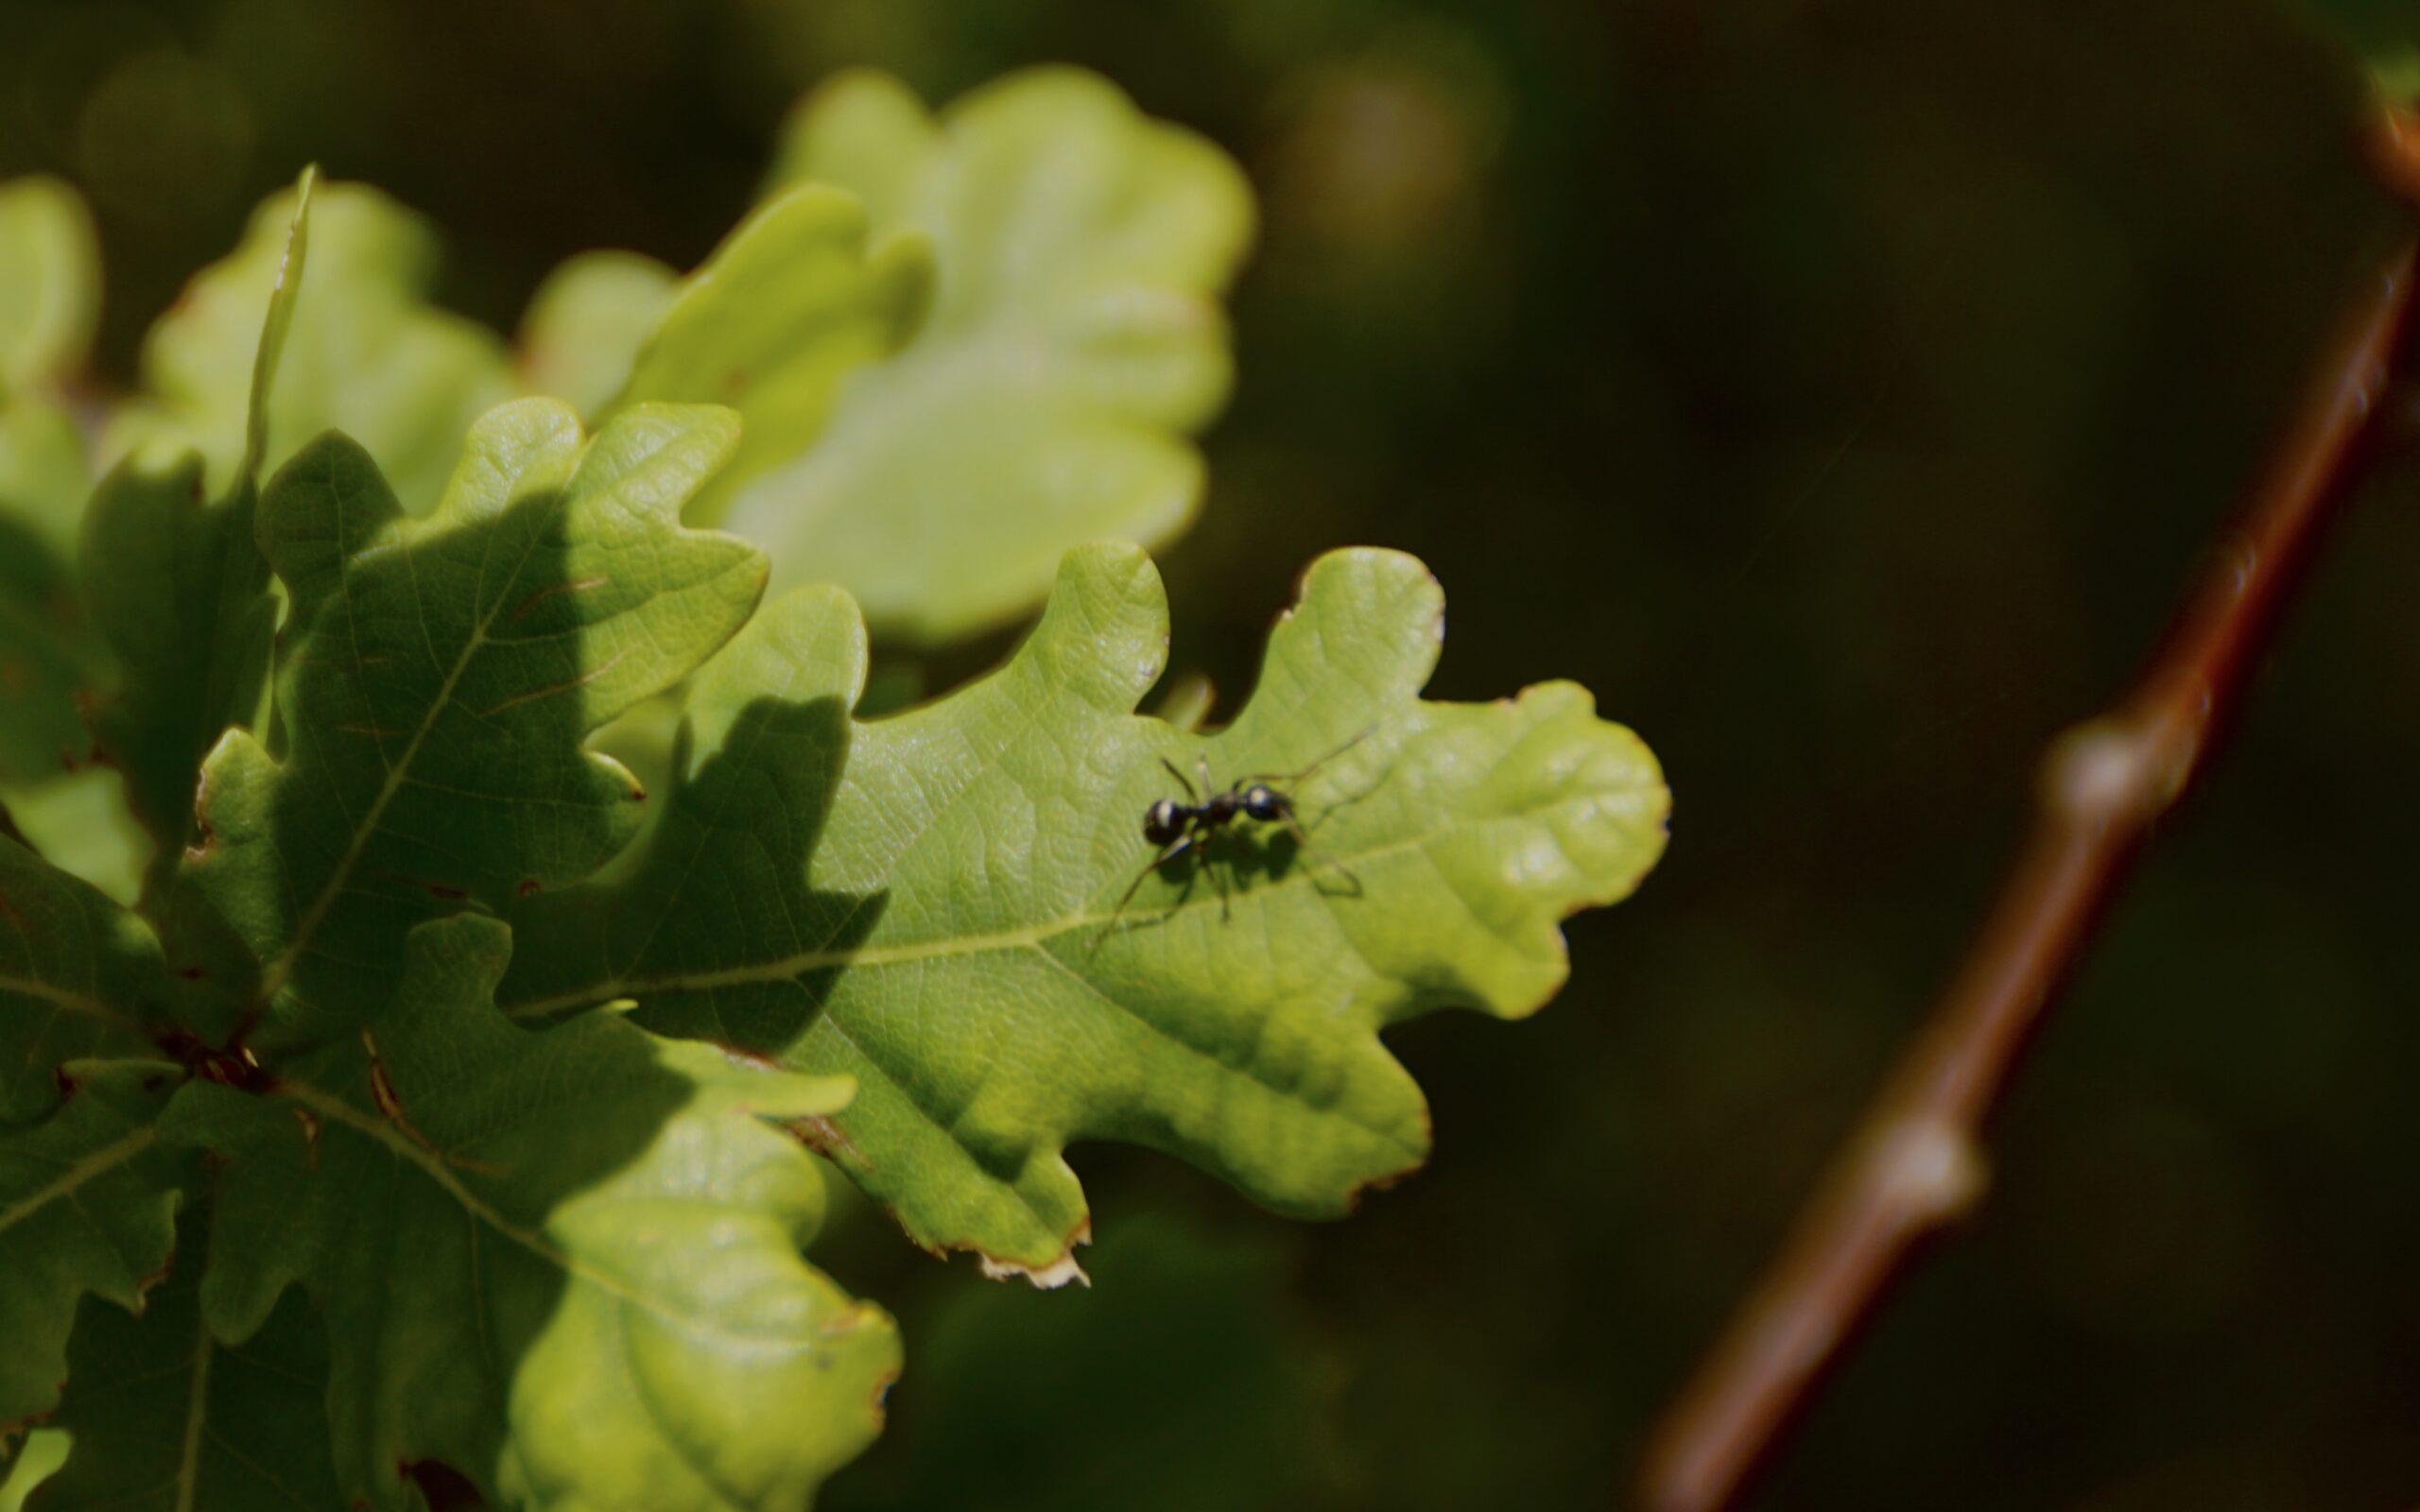 Small black ant - (Lasius niger)